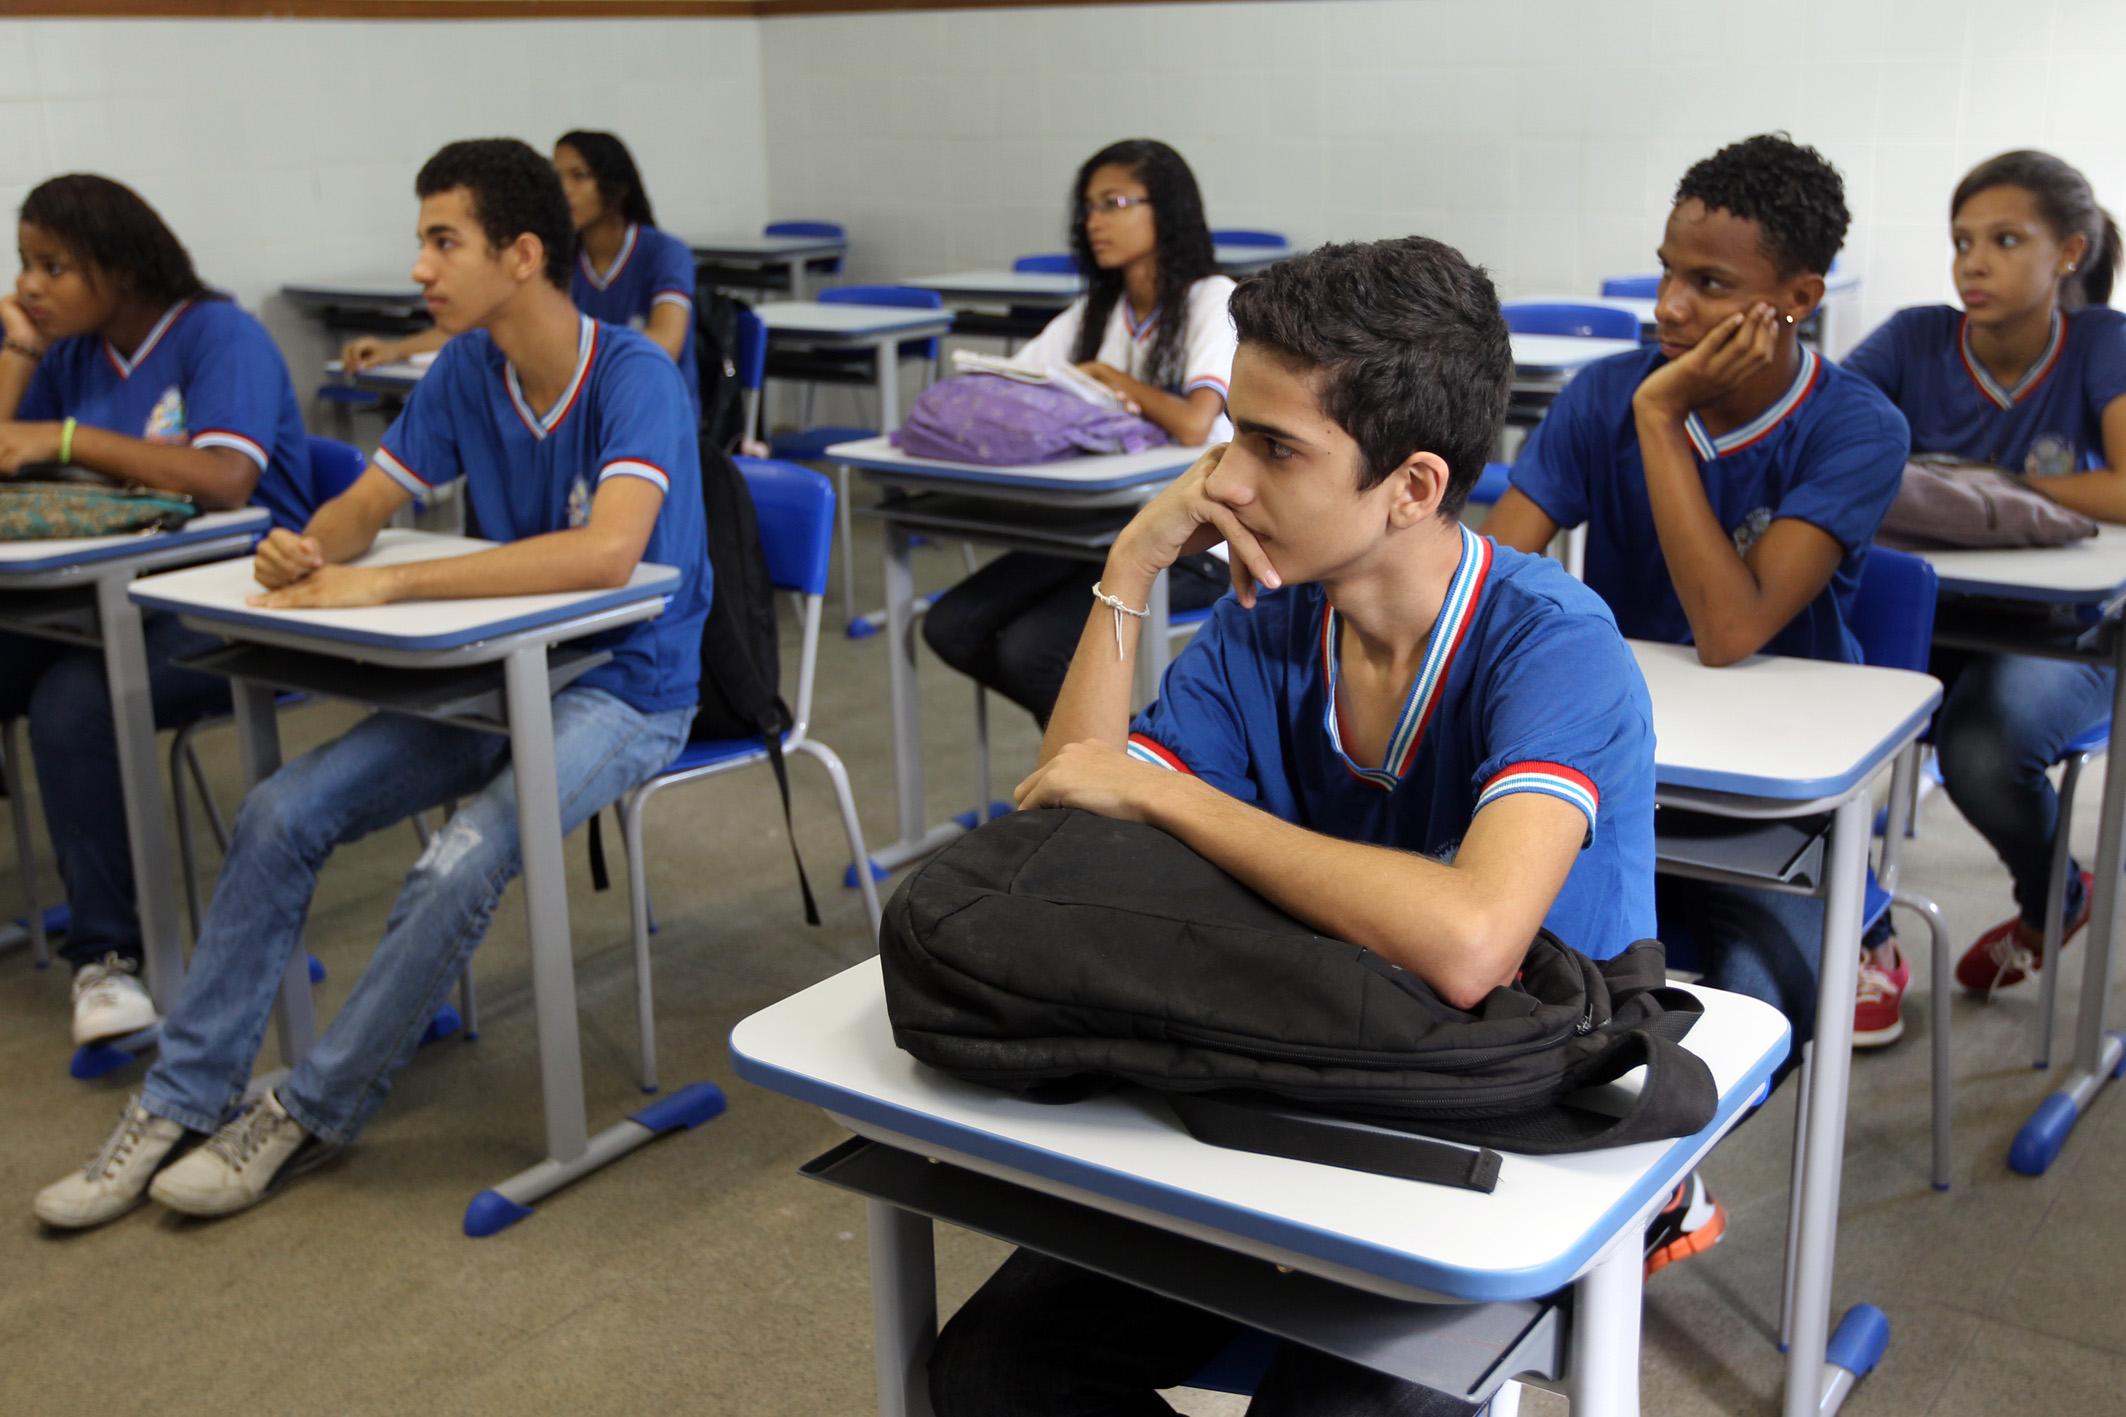 Educação - sala de aula - estudantes escolas adolescentes vestibular ensino médio